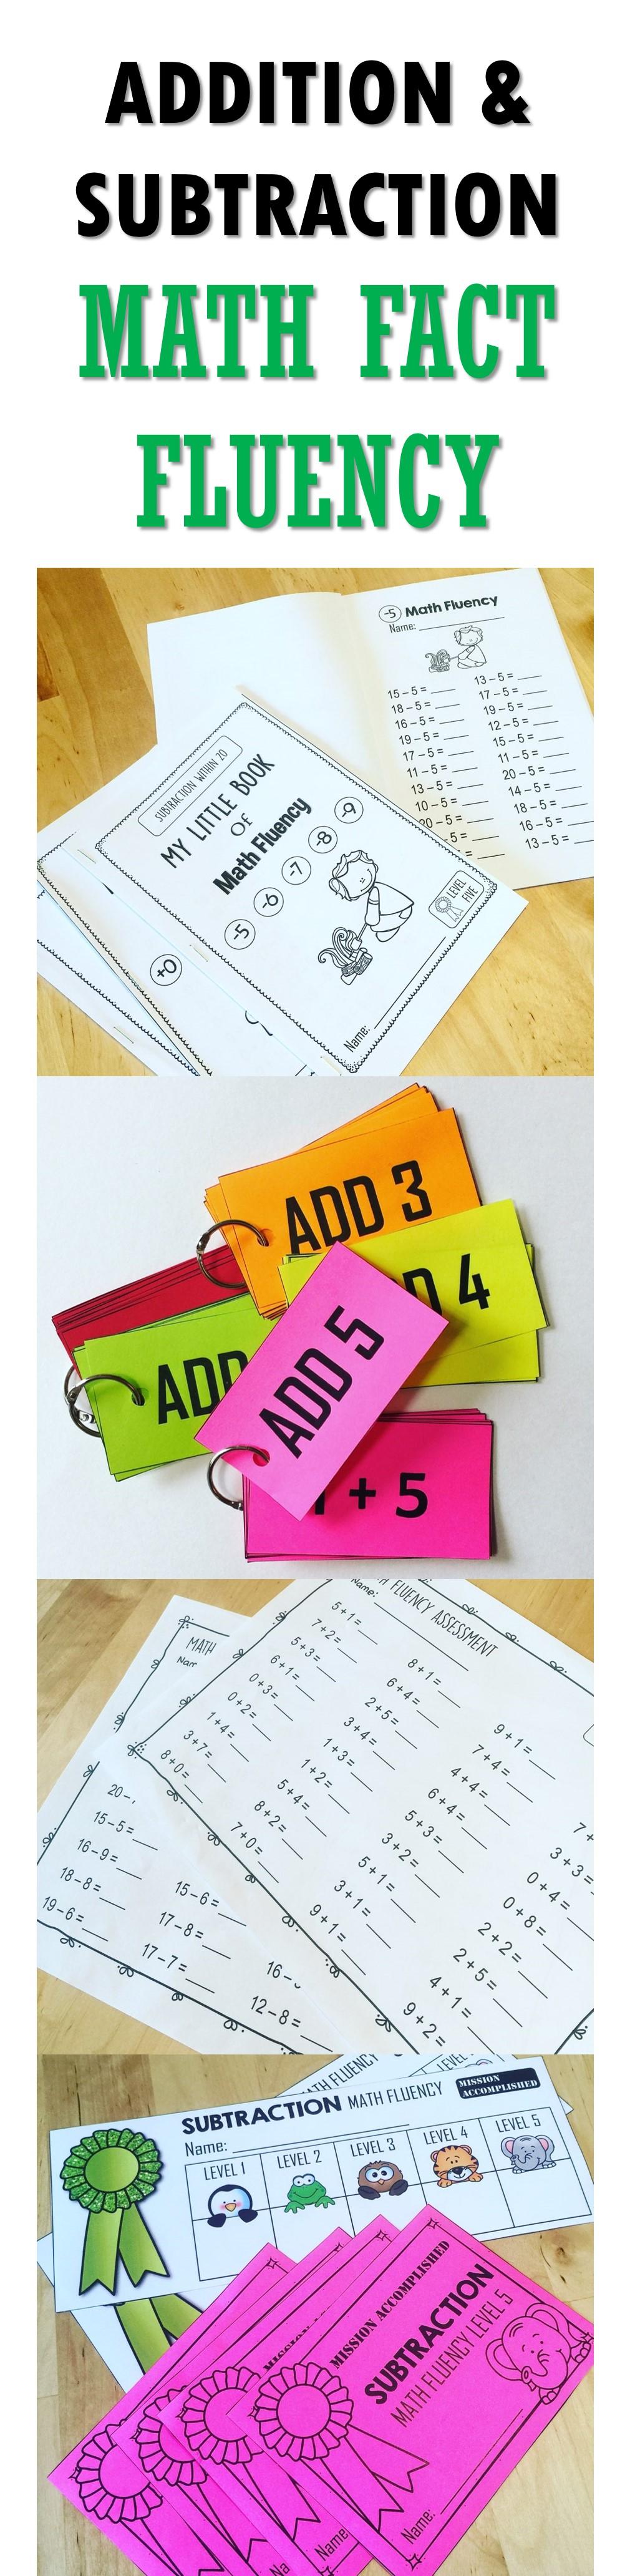 Addition Math Fact Fluency   Sticker chart, Math facts and Math